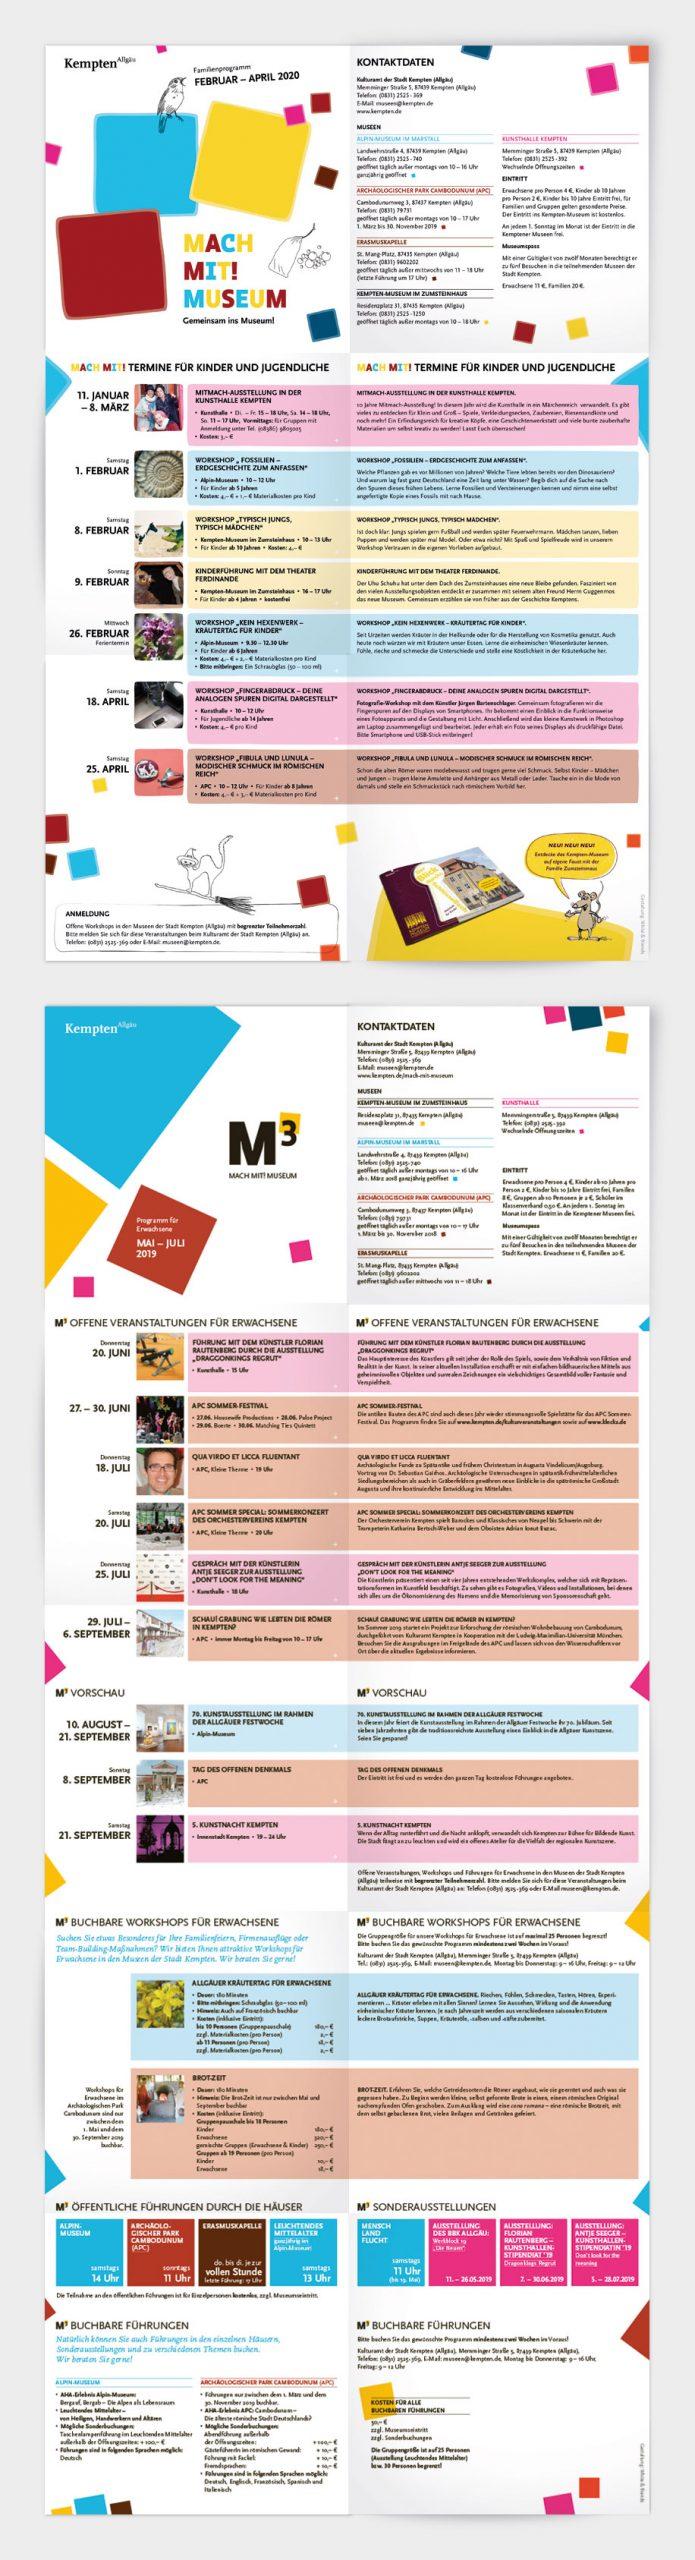 Leporello mit den museumspädagogischen Angeboten der Stadt Kempten für Kinder, Jugendliche und Erwachsene